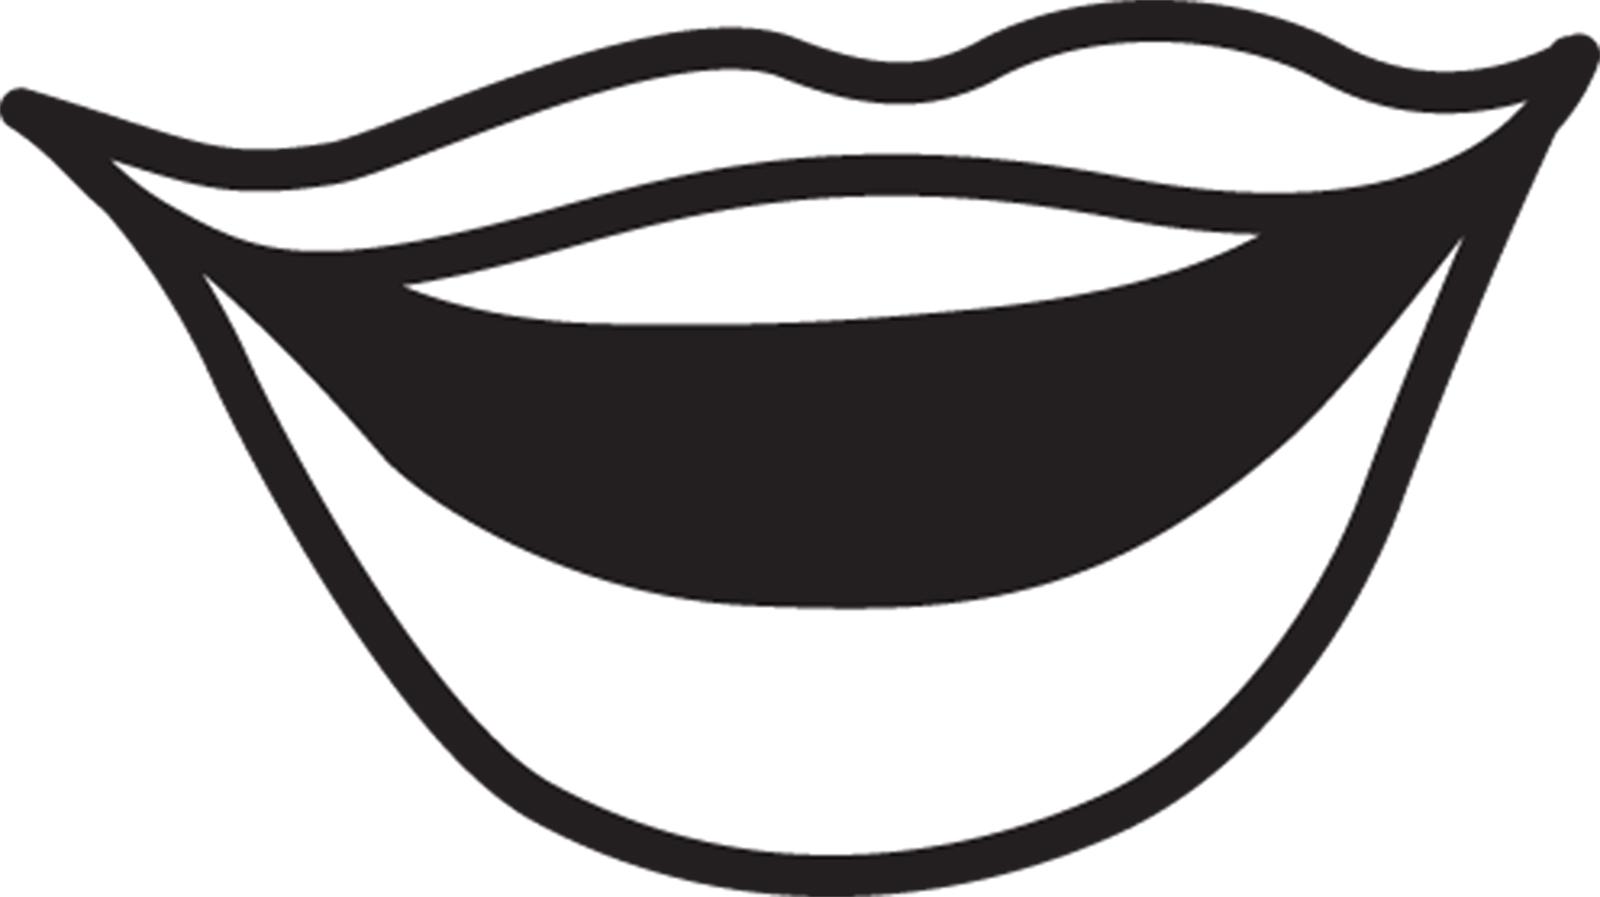 Quiet Mouth Clip Art.